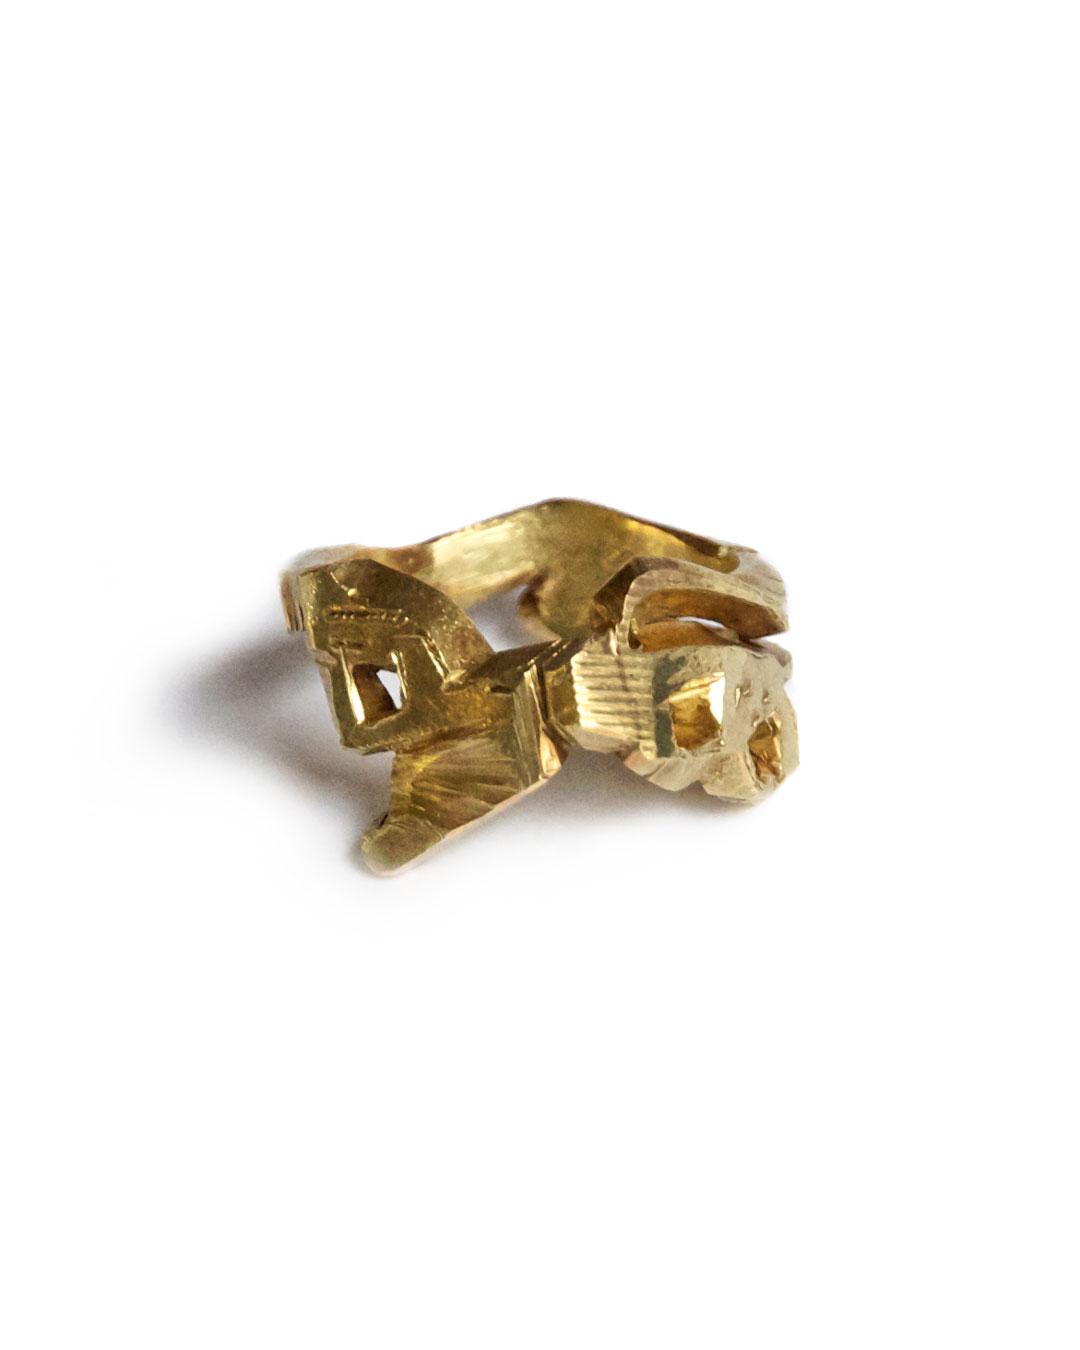 Rudolf Kocéa, PF, 2005, ring; 14ct gold, 22 x 14 mm, €1710